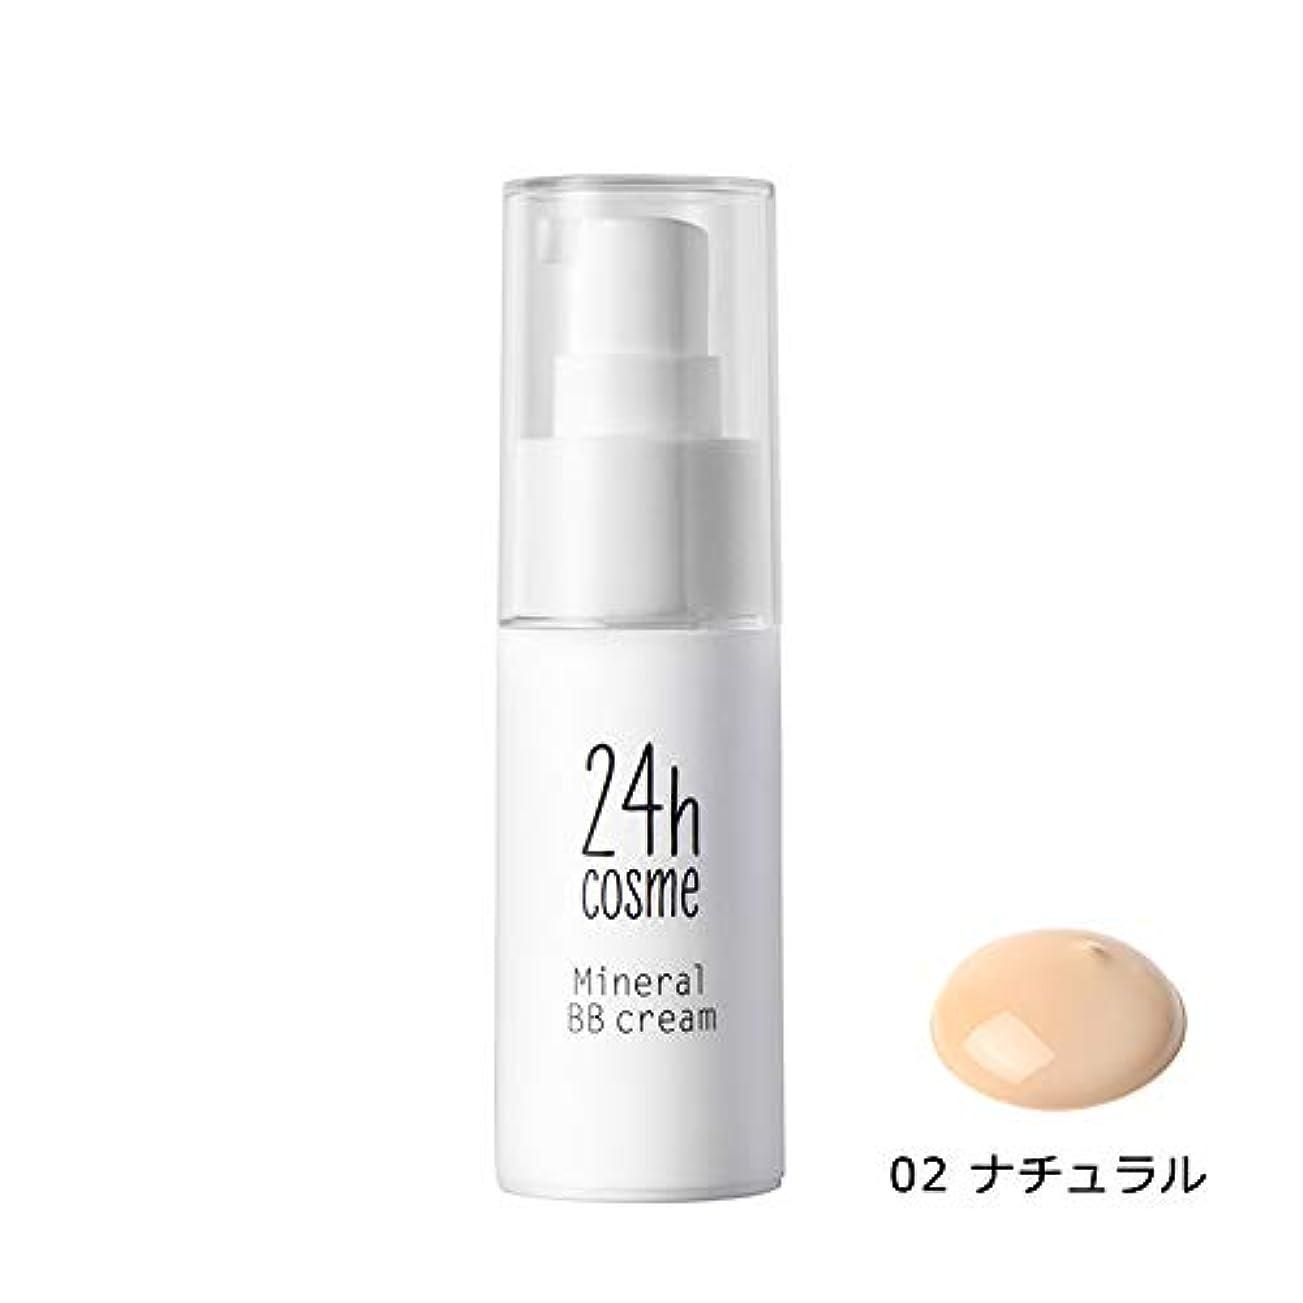 もちろんイヤホンほんの24h cosme 24 ミネラルBBクリーム 02 ナチュラル SPF30PA+++